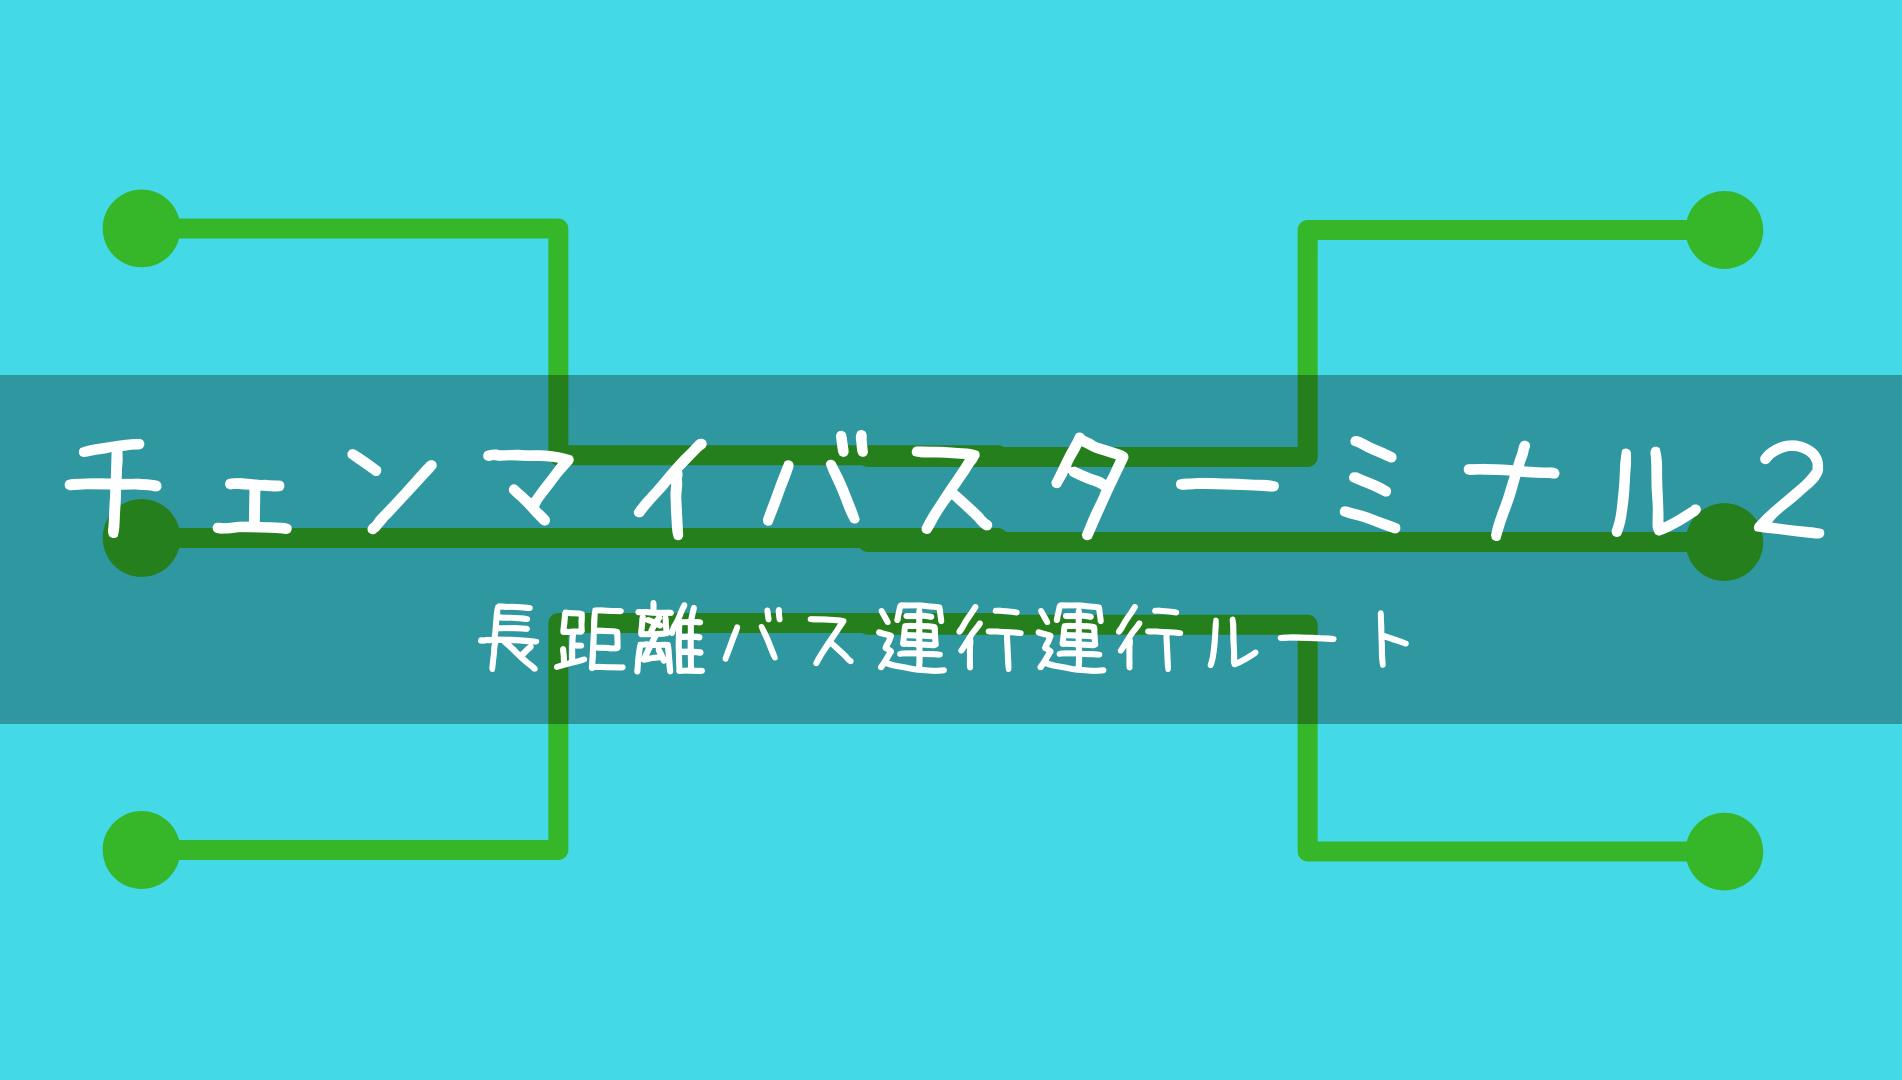 【チェンマイバスターミナル2】長距離バス会社一覧と運行ルート